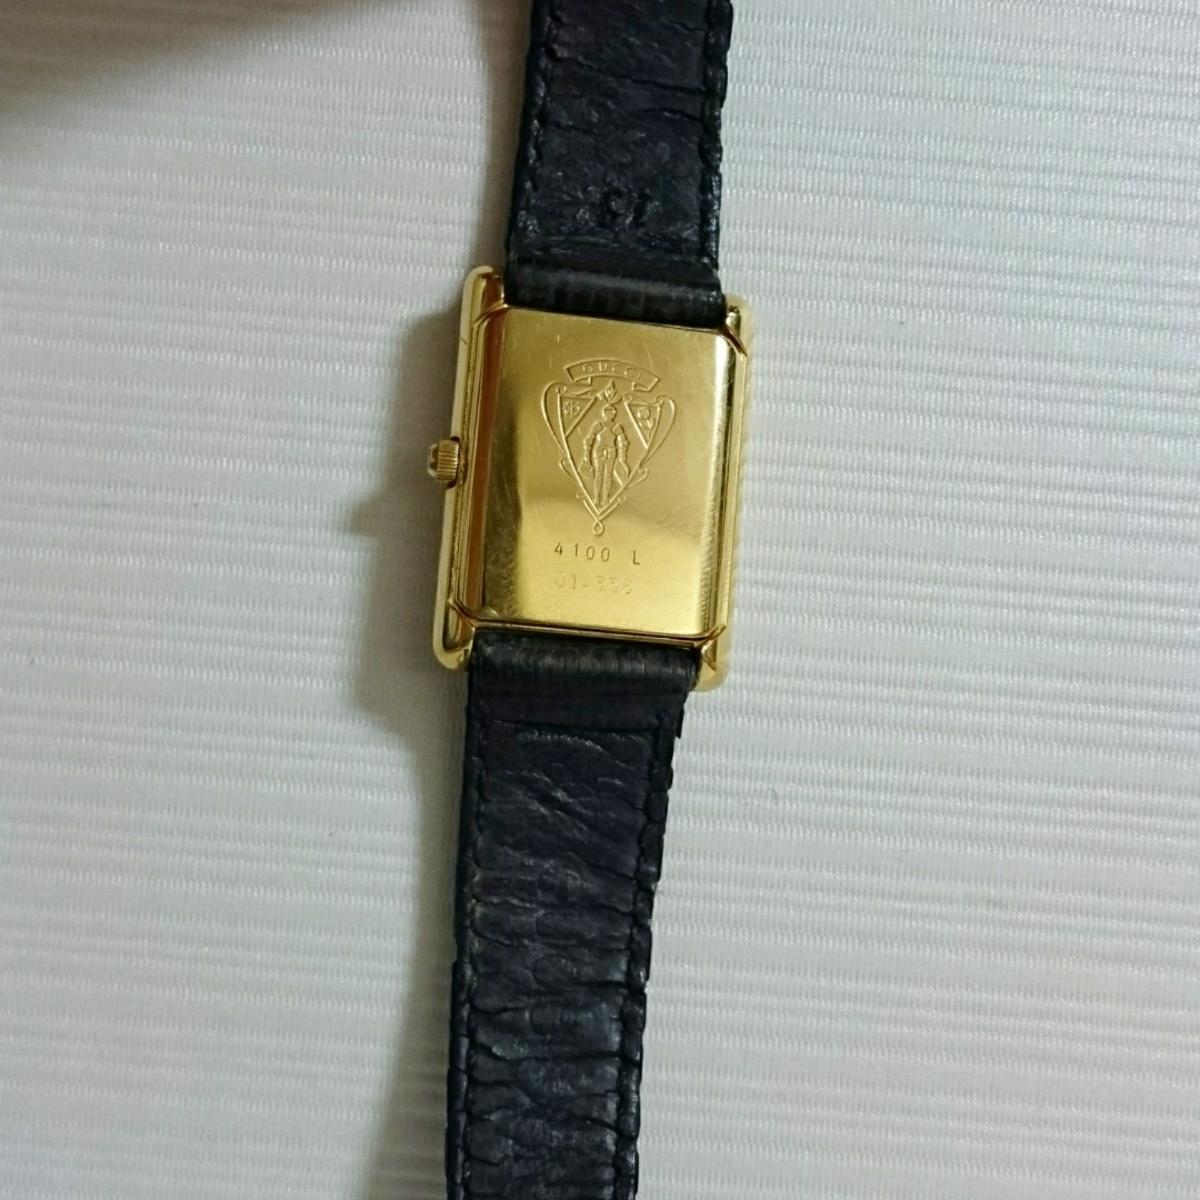 腕時計 グッチ 4100L スクエアブラック文字盤 レディース腕時計_画像6